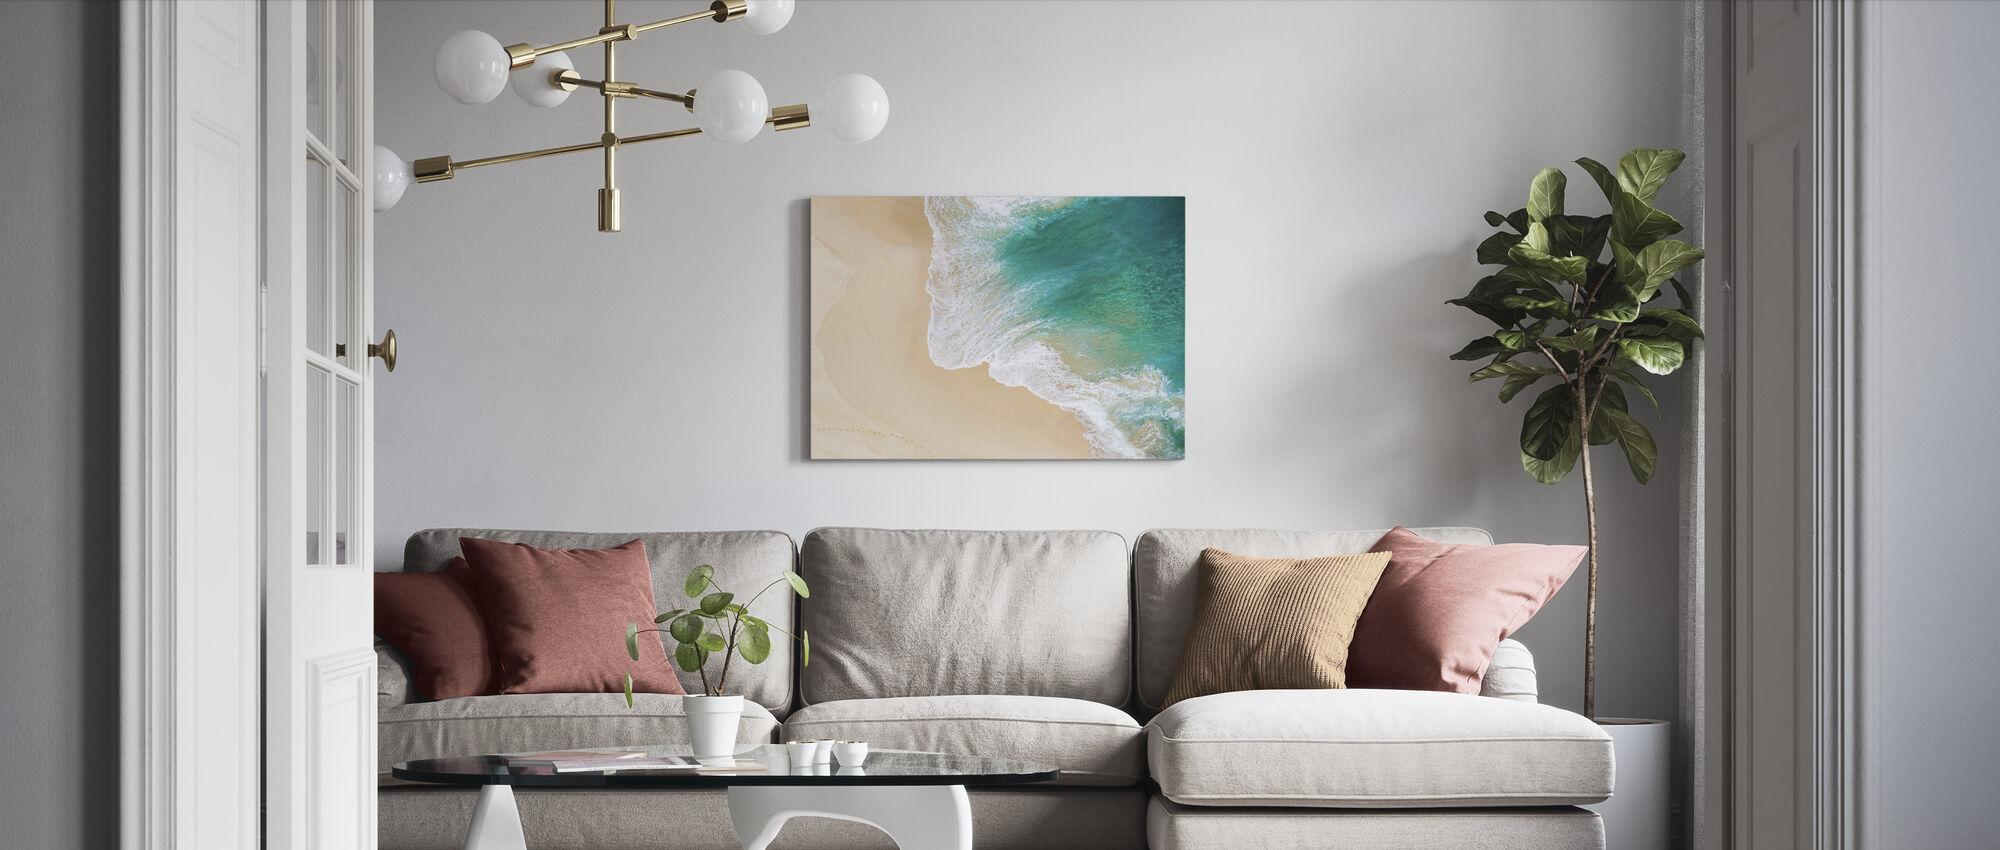 Ocean Waves - Canvas print - Living Room